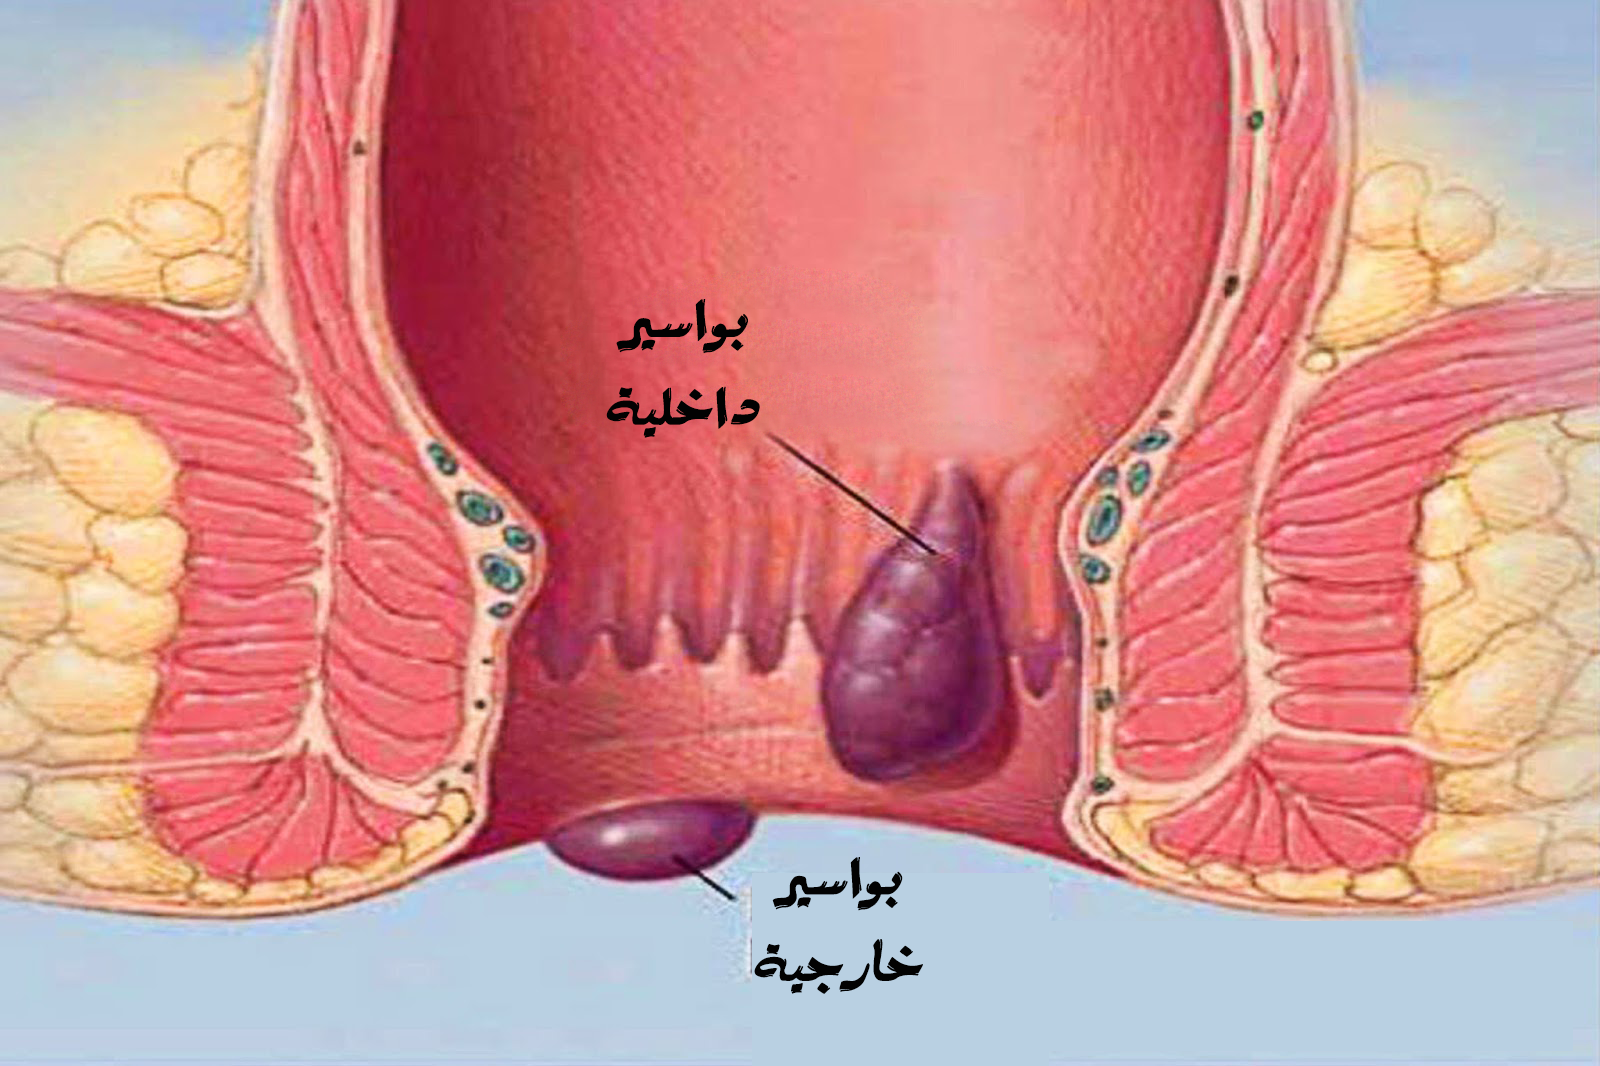 بالصور مرض البواسير , معلومات سريعة عن الوقاية من مرض البواسير وطرق علاجه 2957